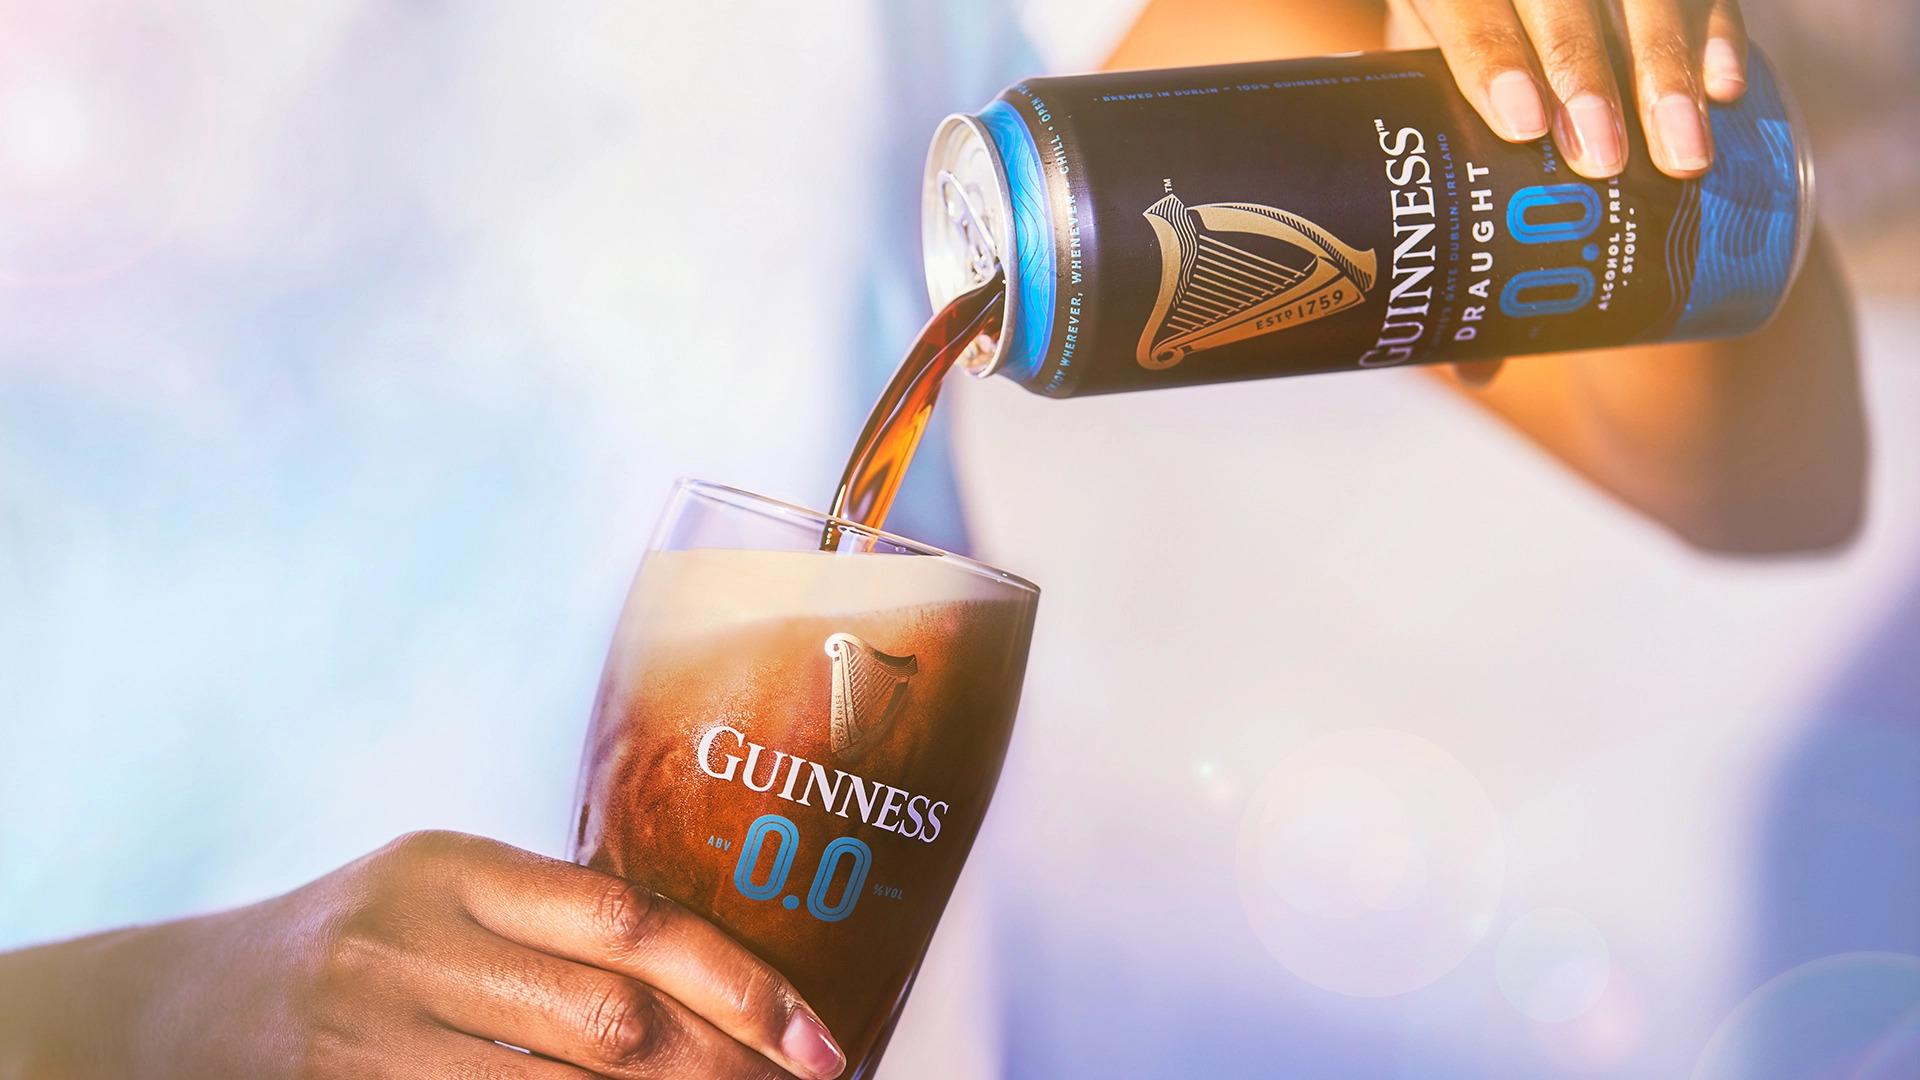 Guinness stahuje z prodeje své nealko. Pouhé dva týdny po uvedení na trh